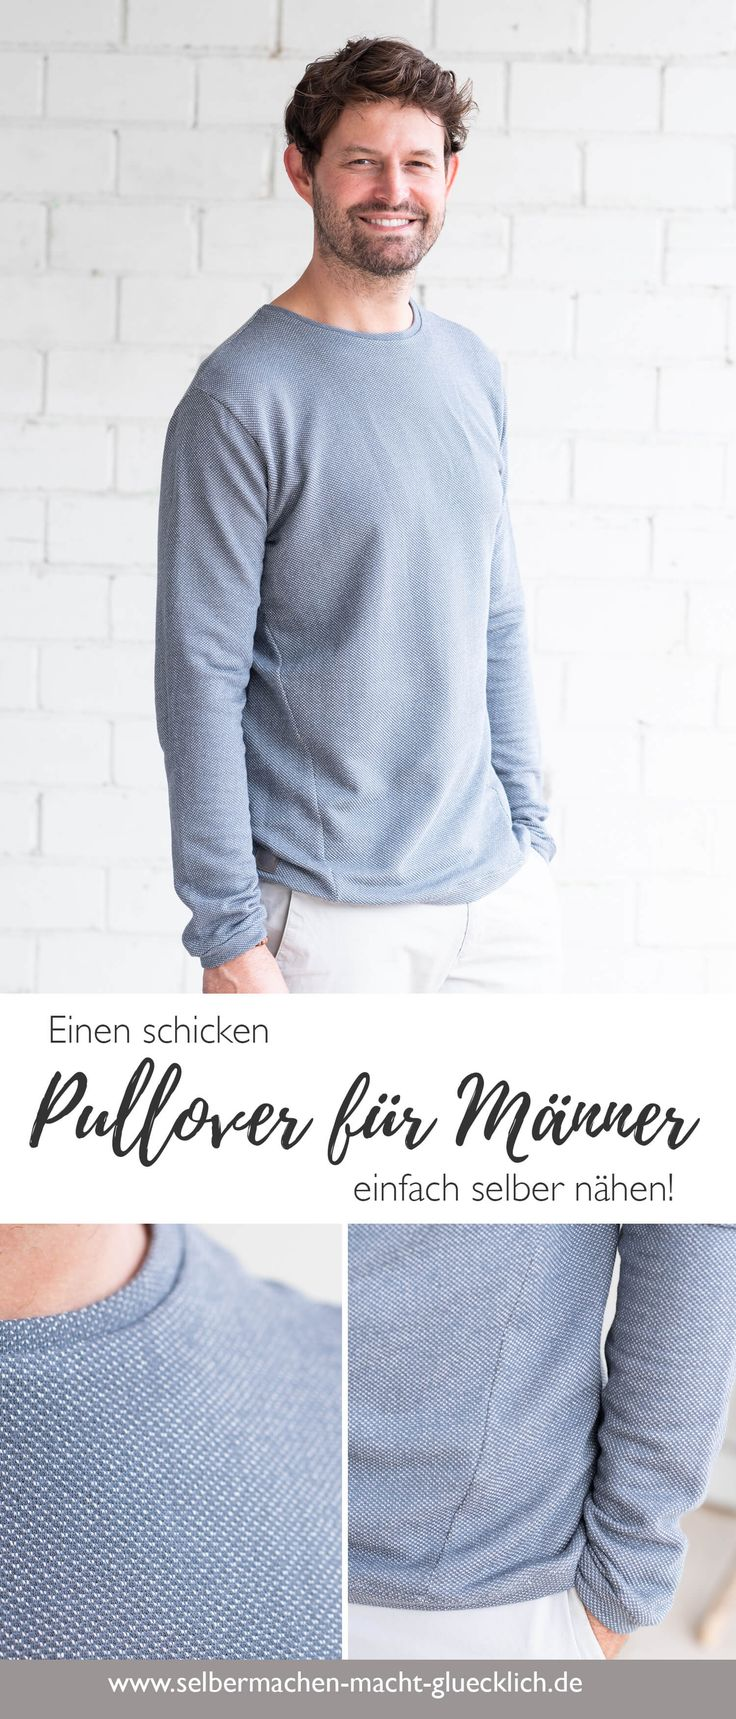 Einen lässigen Pullover für Männer einfach selber nähen!